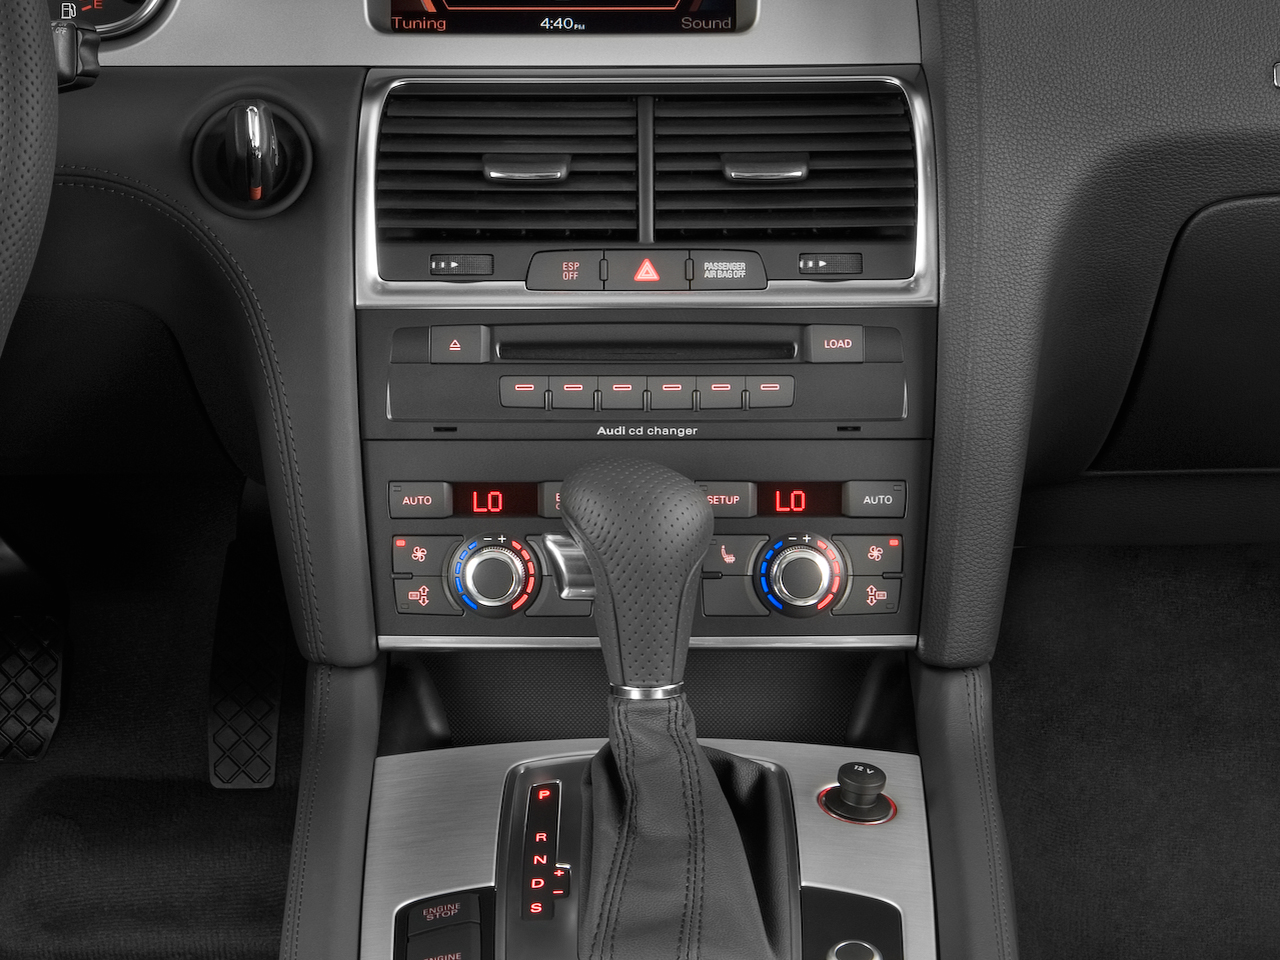 2009 audi q7 3 0 tdi quattro fuel efficient news car. Black Bedroom Furniture Sets. Home Design Ideas